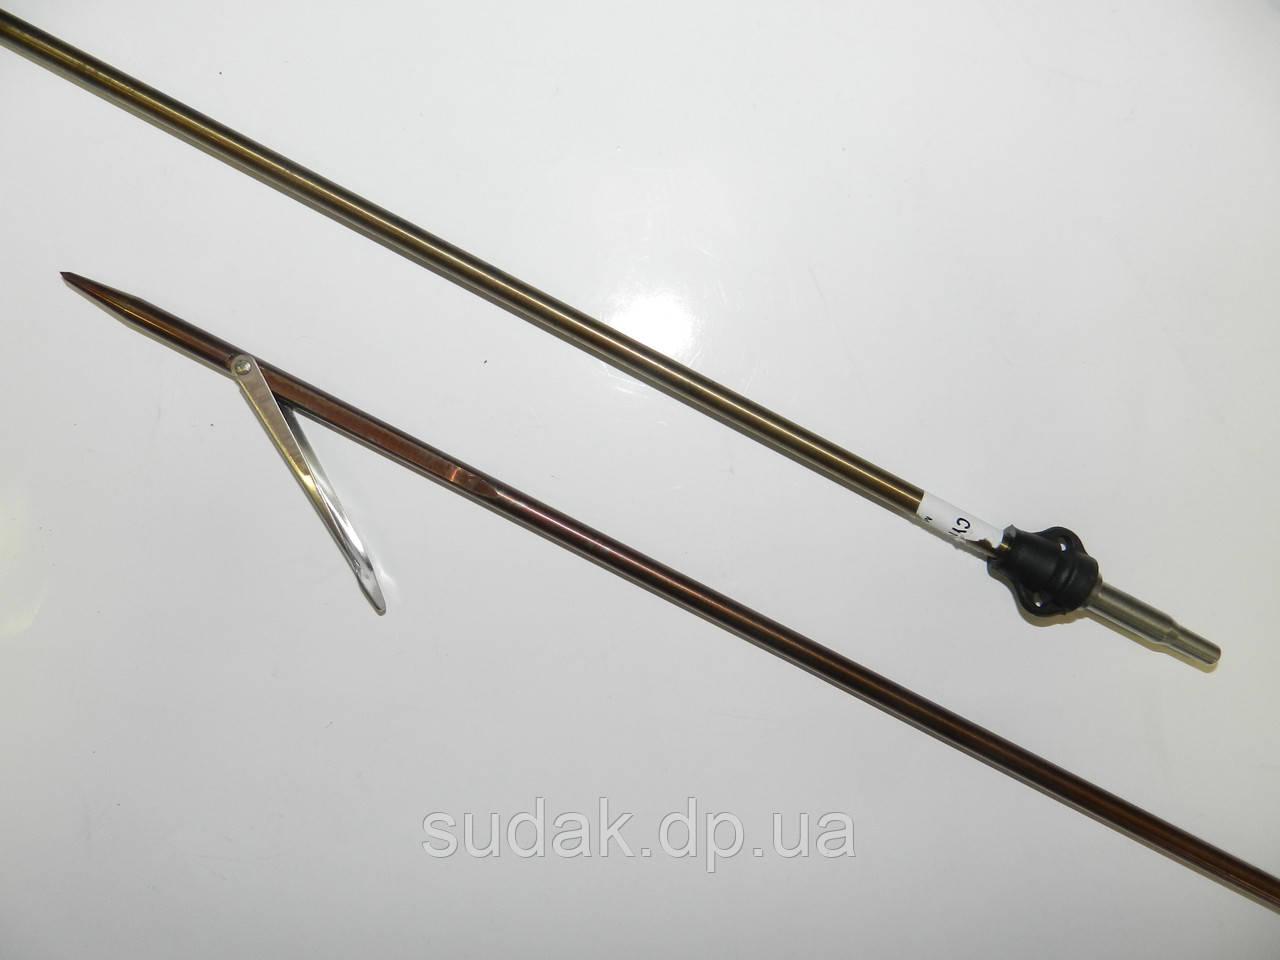 Гарпун таитянский SALVIMAR, нерж.сталь 174 ph, 75 см, для Cyrano 700 (AG315)